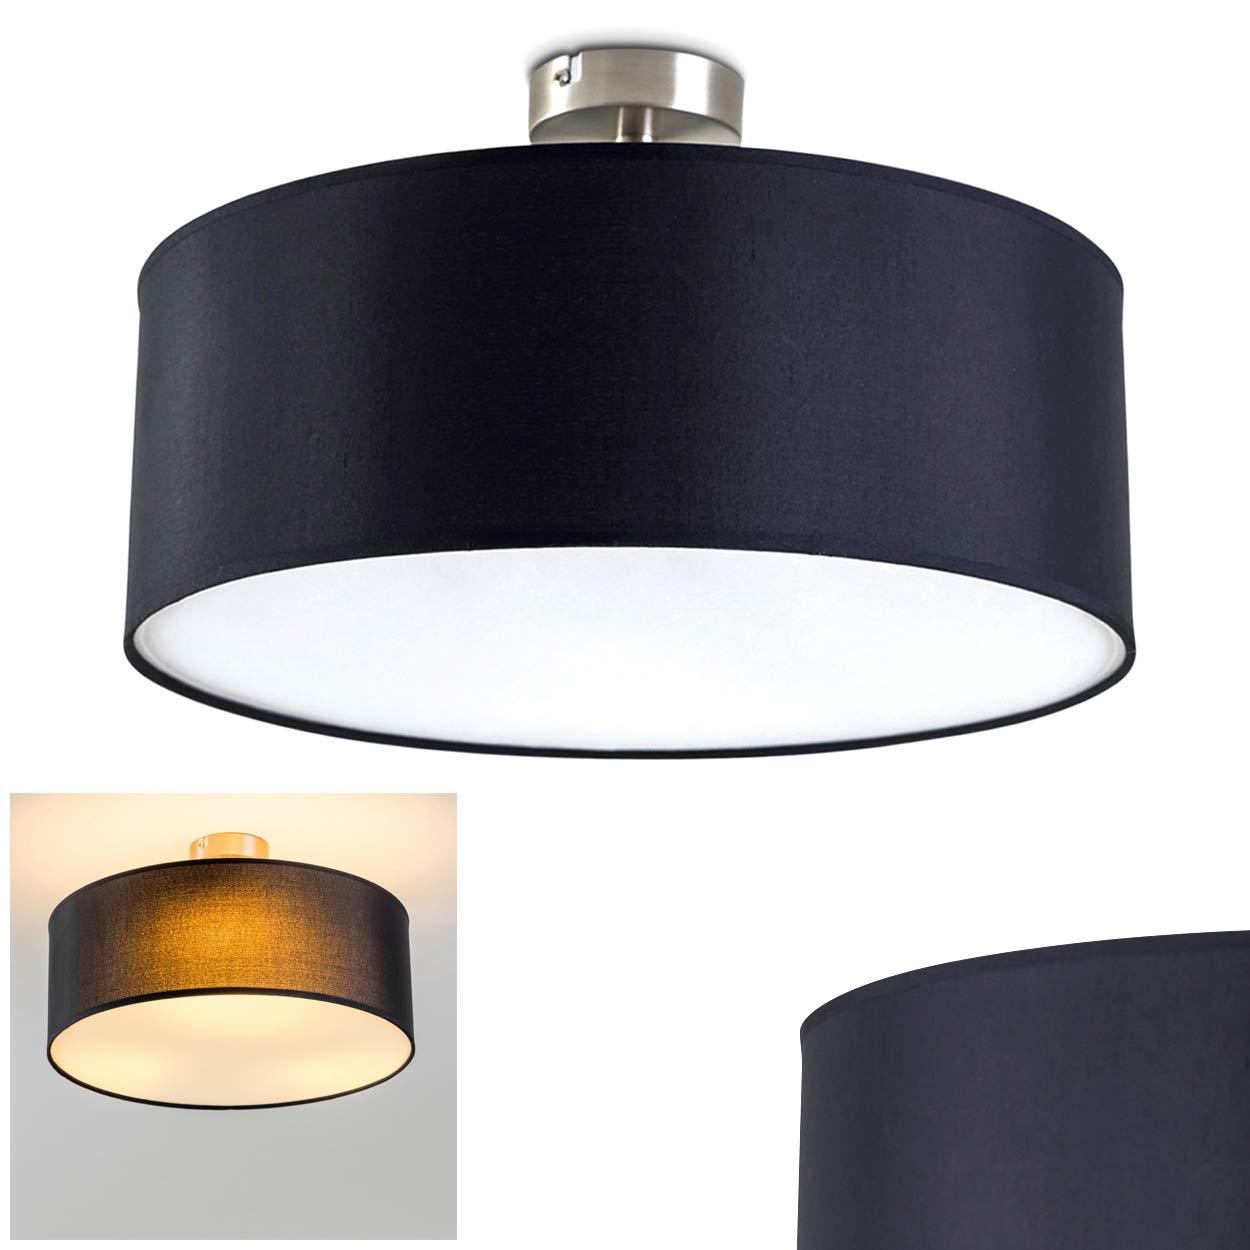 Noir  Plafonnier Foggia avec grand abat-jour en tissu noir de 40 cm de diamètre pour 3 ampoules E27 max 40 Watt, compatible ampoules LED